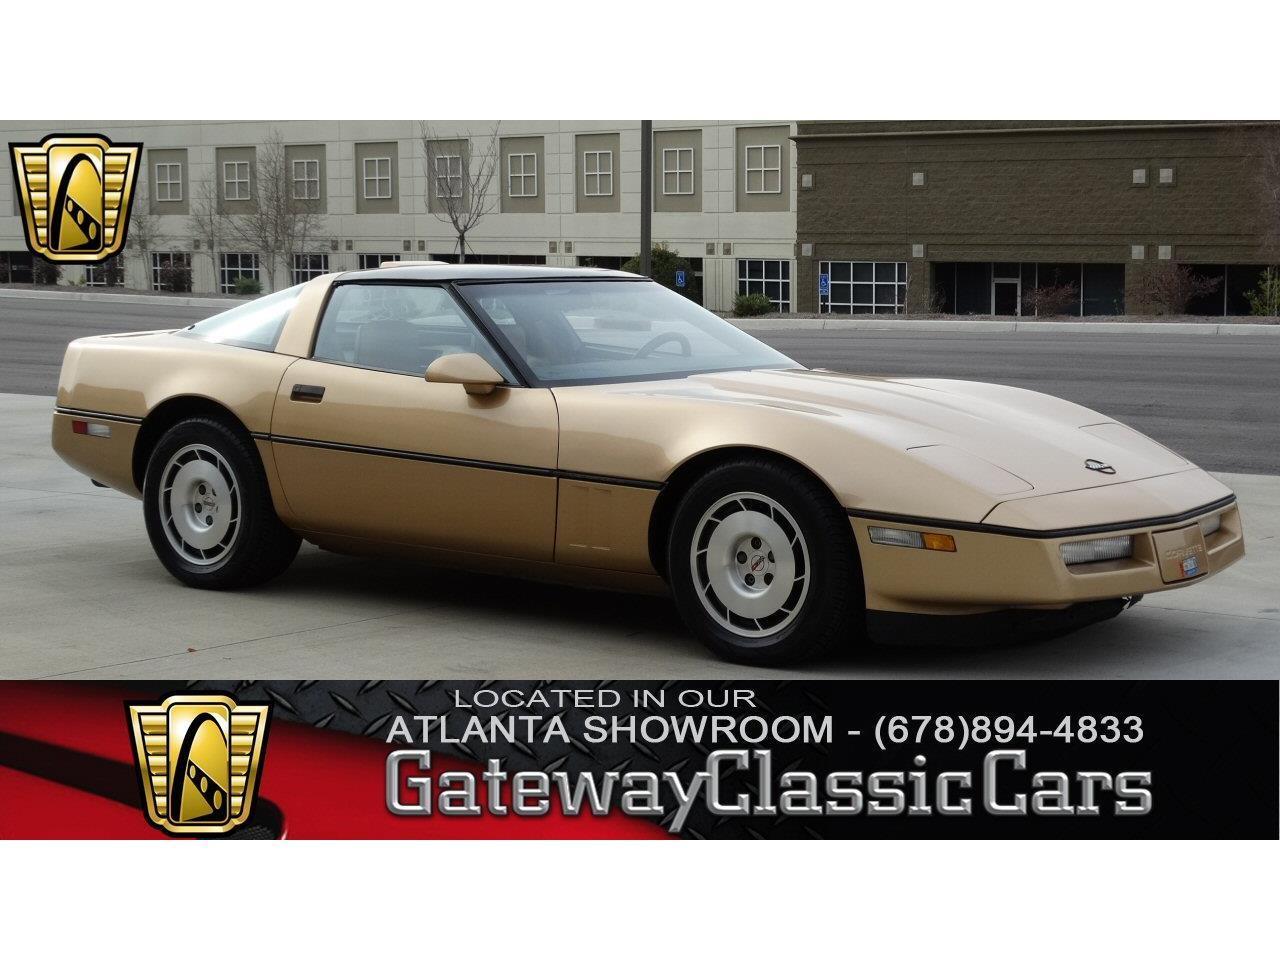 Large Picture of '86 Chevrolet Corvette located in Alpharetta Georgia - $11,595.00 - KF5W